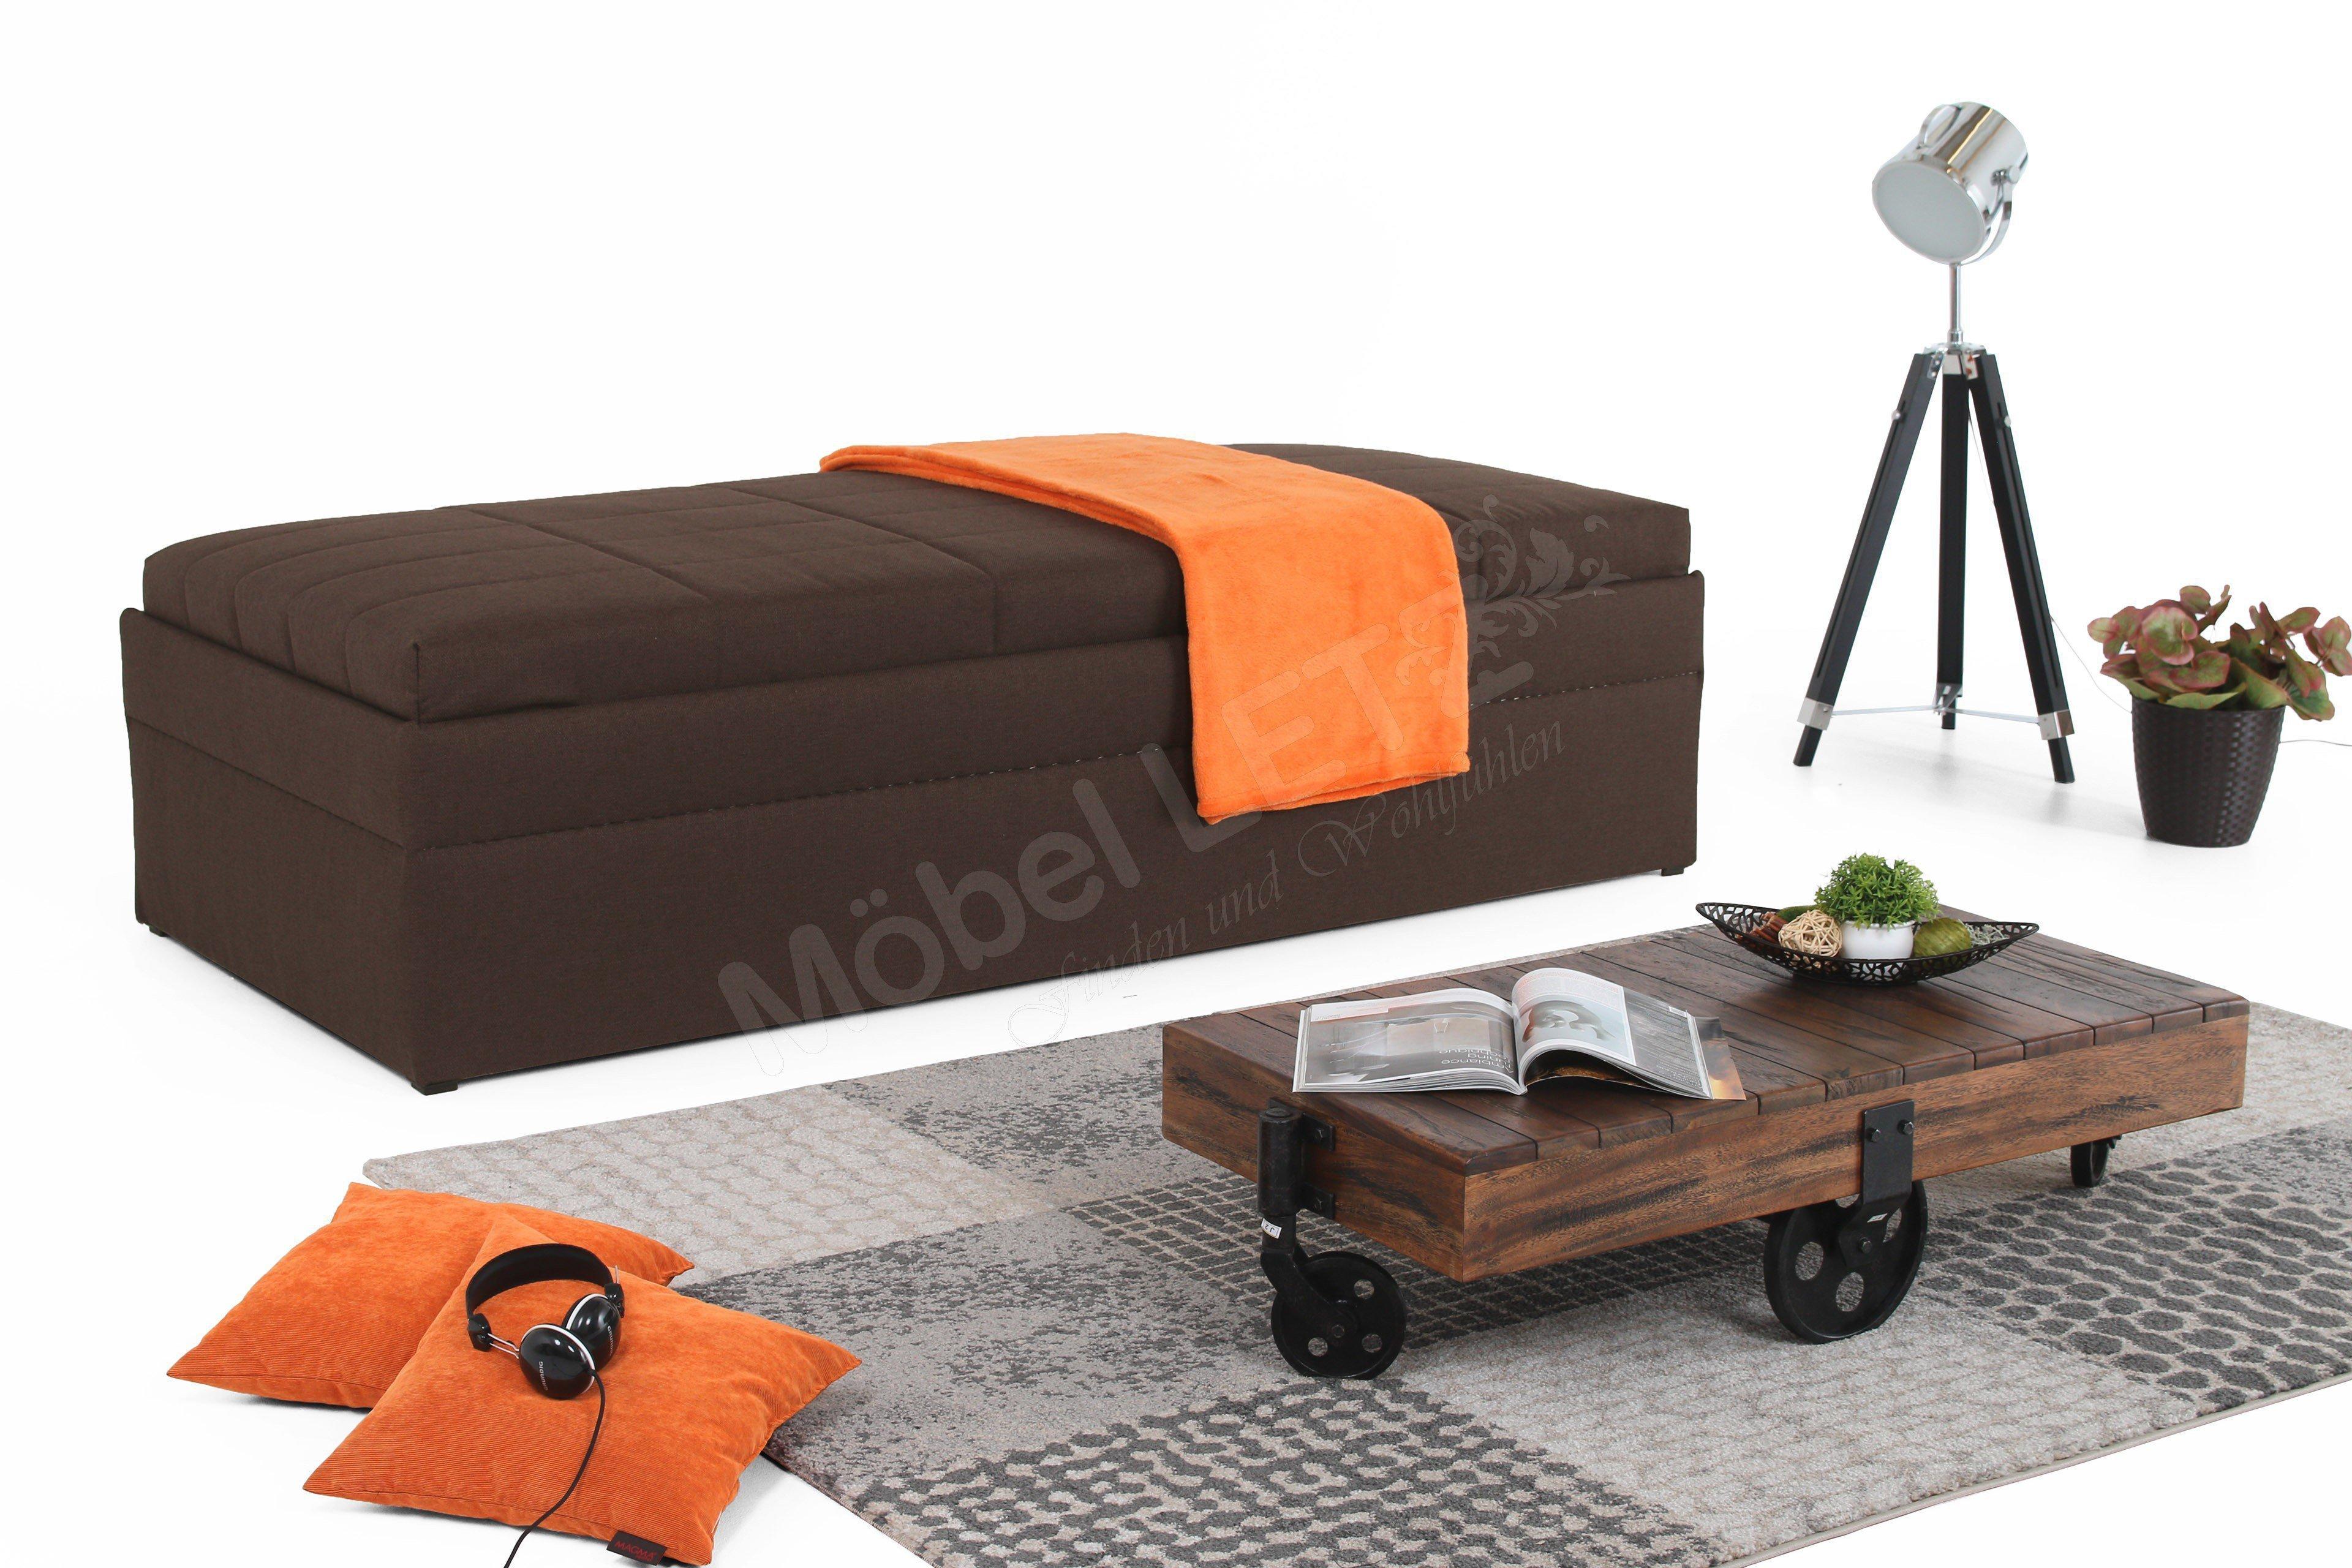 Hapo Schlafmöbel Einzelliege Sentino Senta In Braun Mit Bettkasten